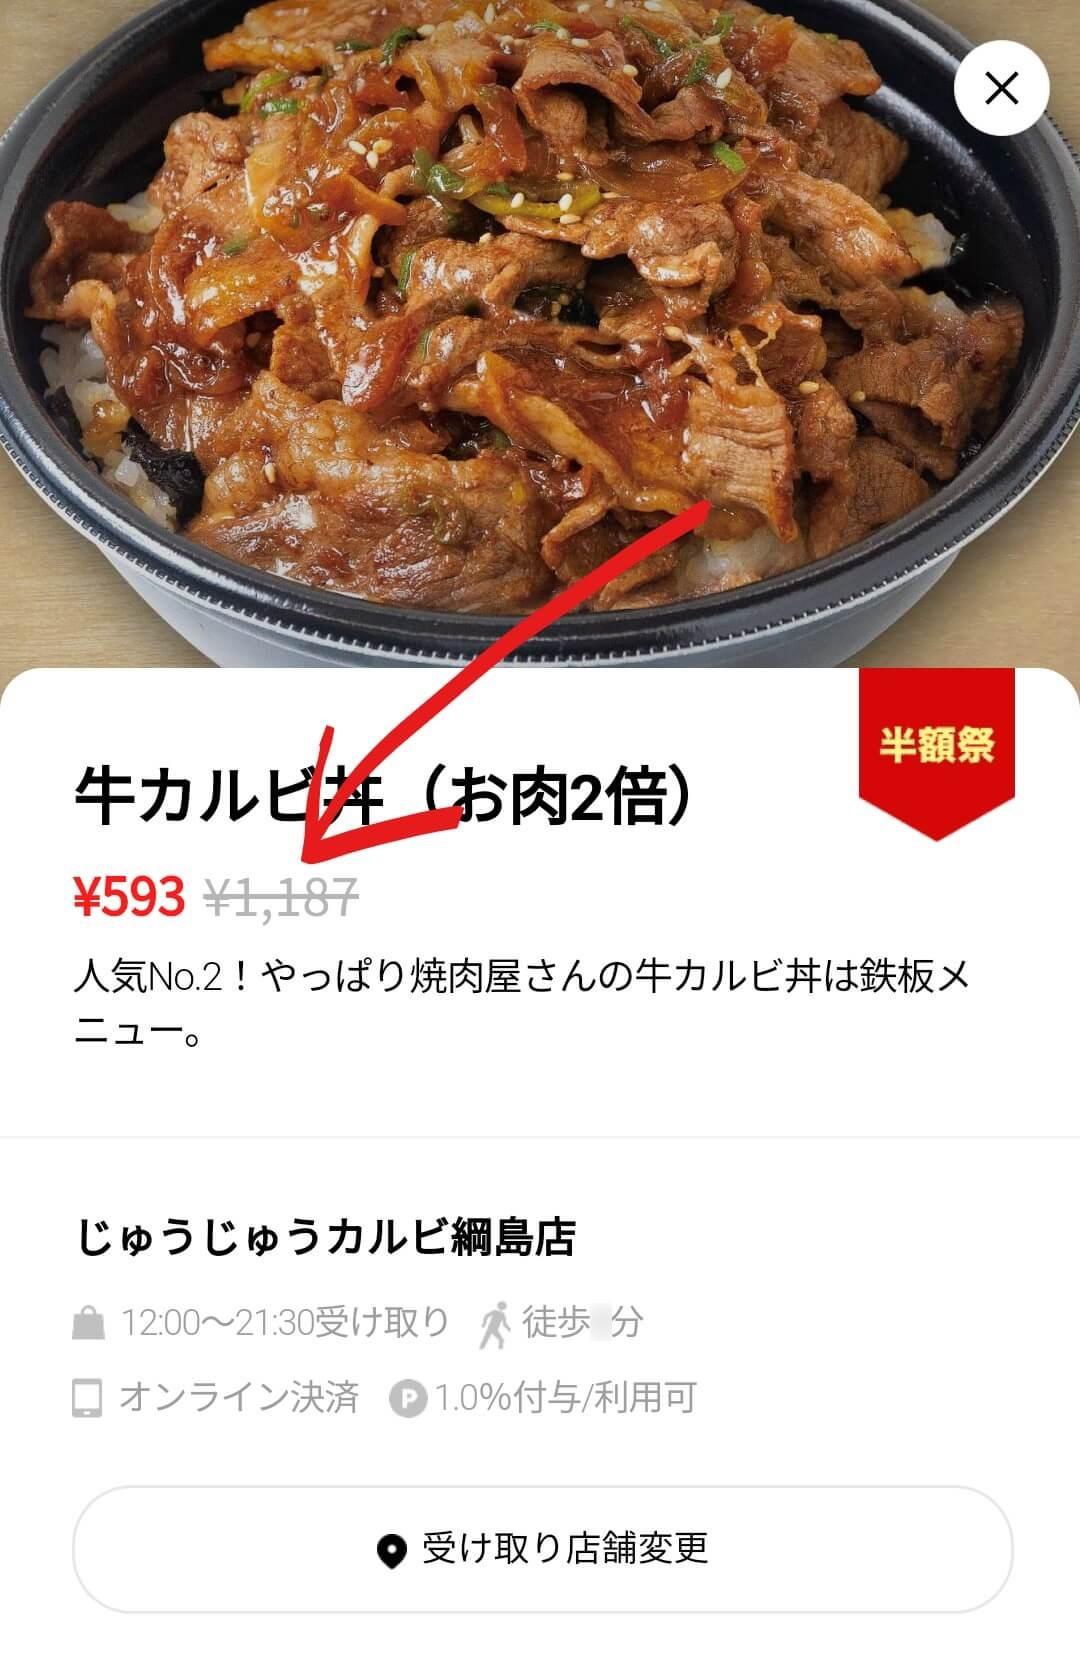 じゅうじゅうカルビのカルビ丼肉二倍じゅう